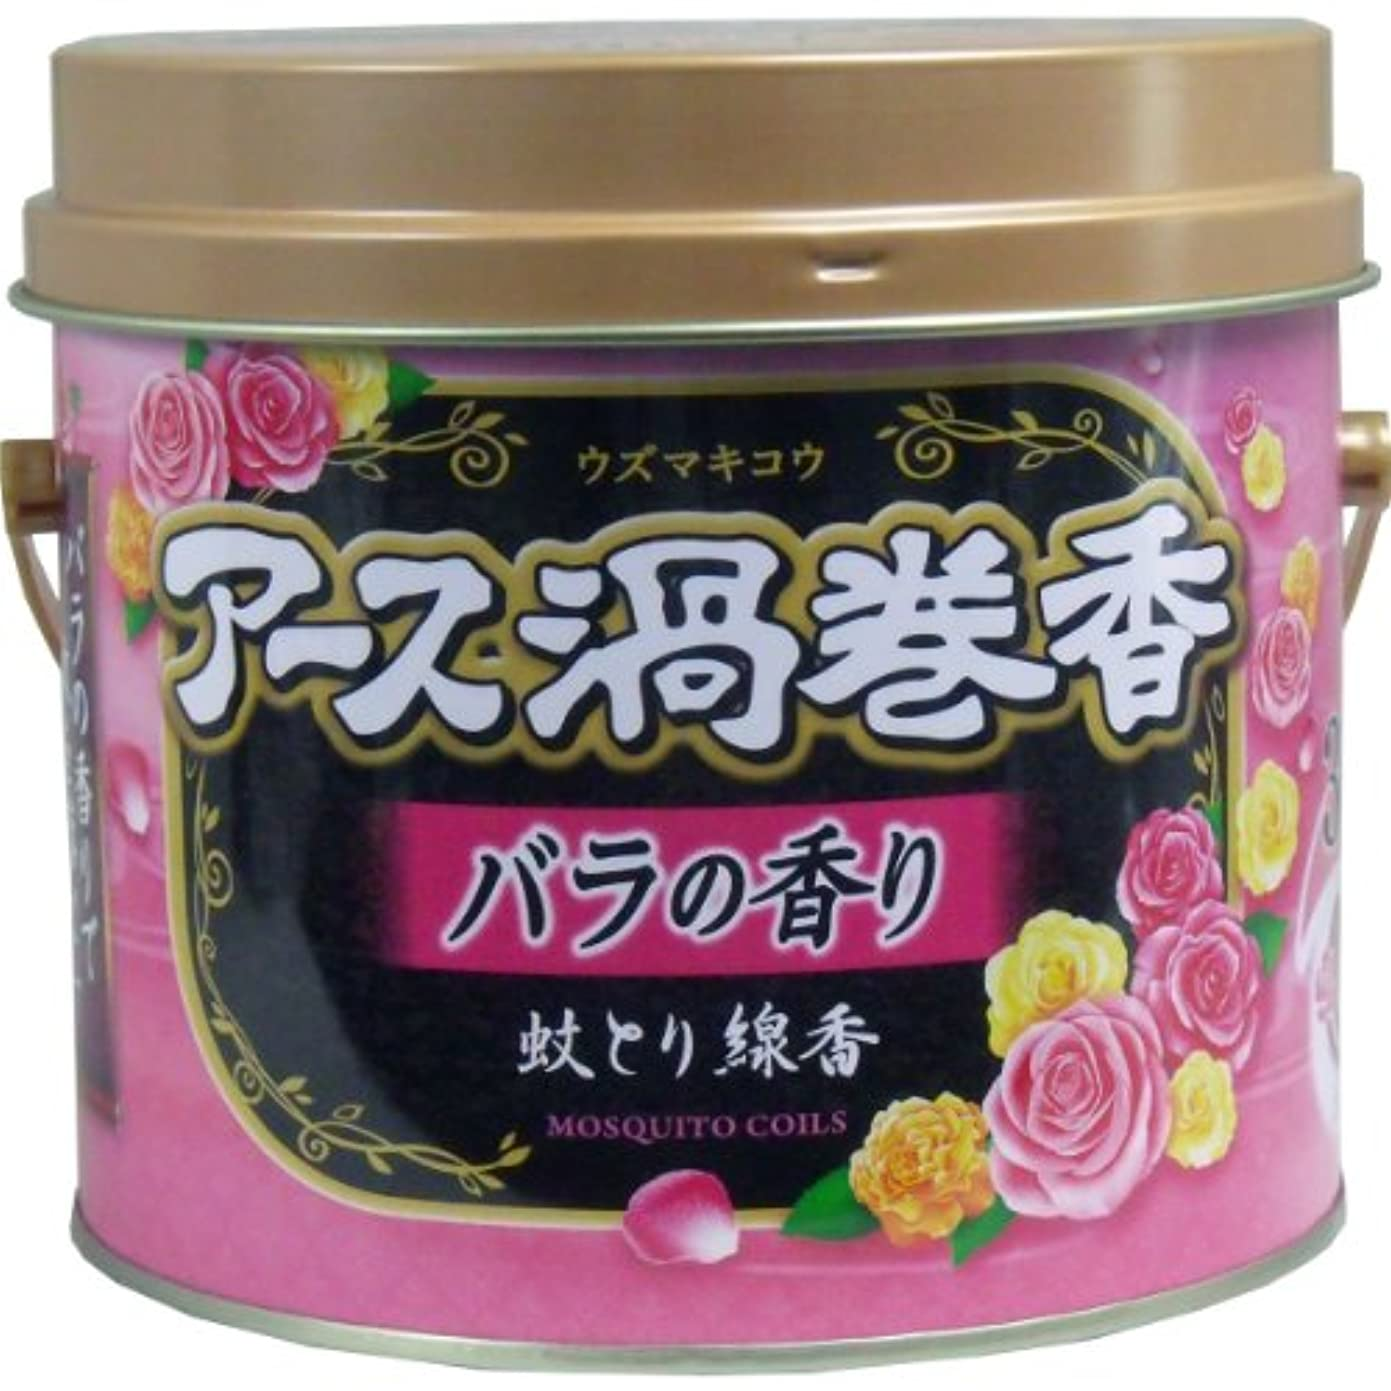 ラウンジゼリーメイトアース渦巻香 蚊とり線香 バラの香り 30巻 2個セット